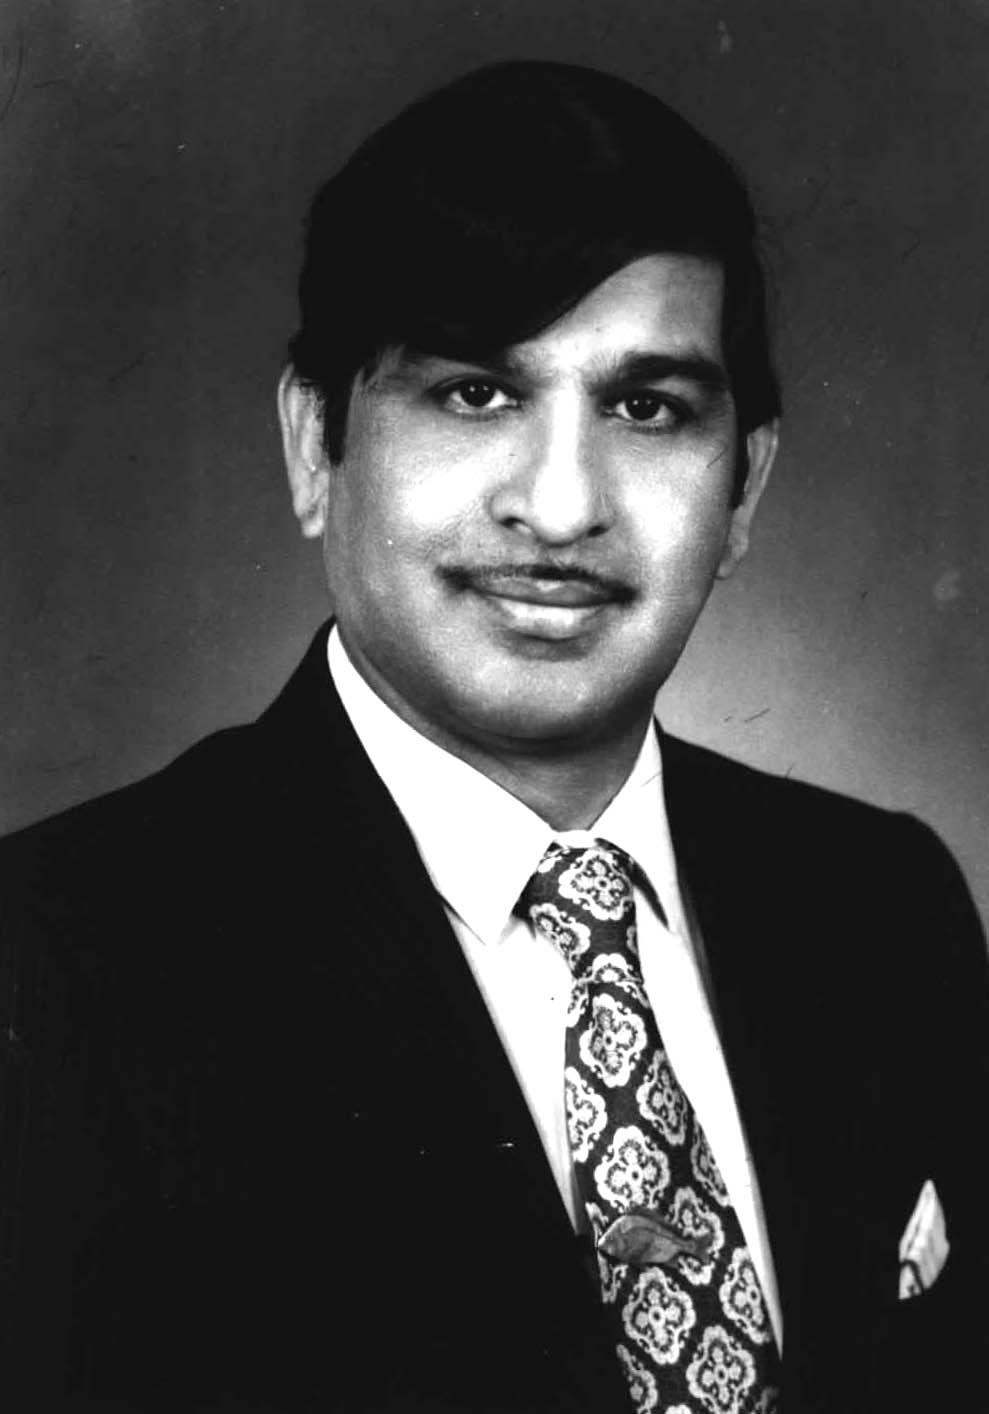 Profile image of Pandian, Prof. Thavamani Jegajothivel